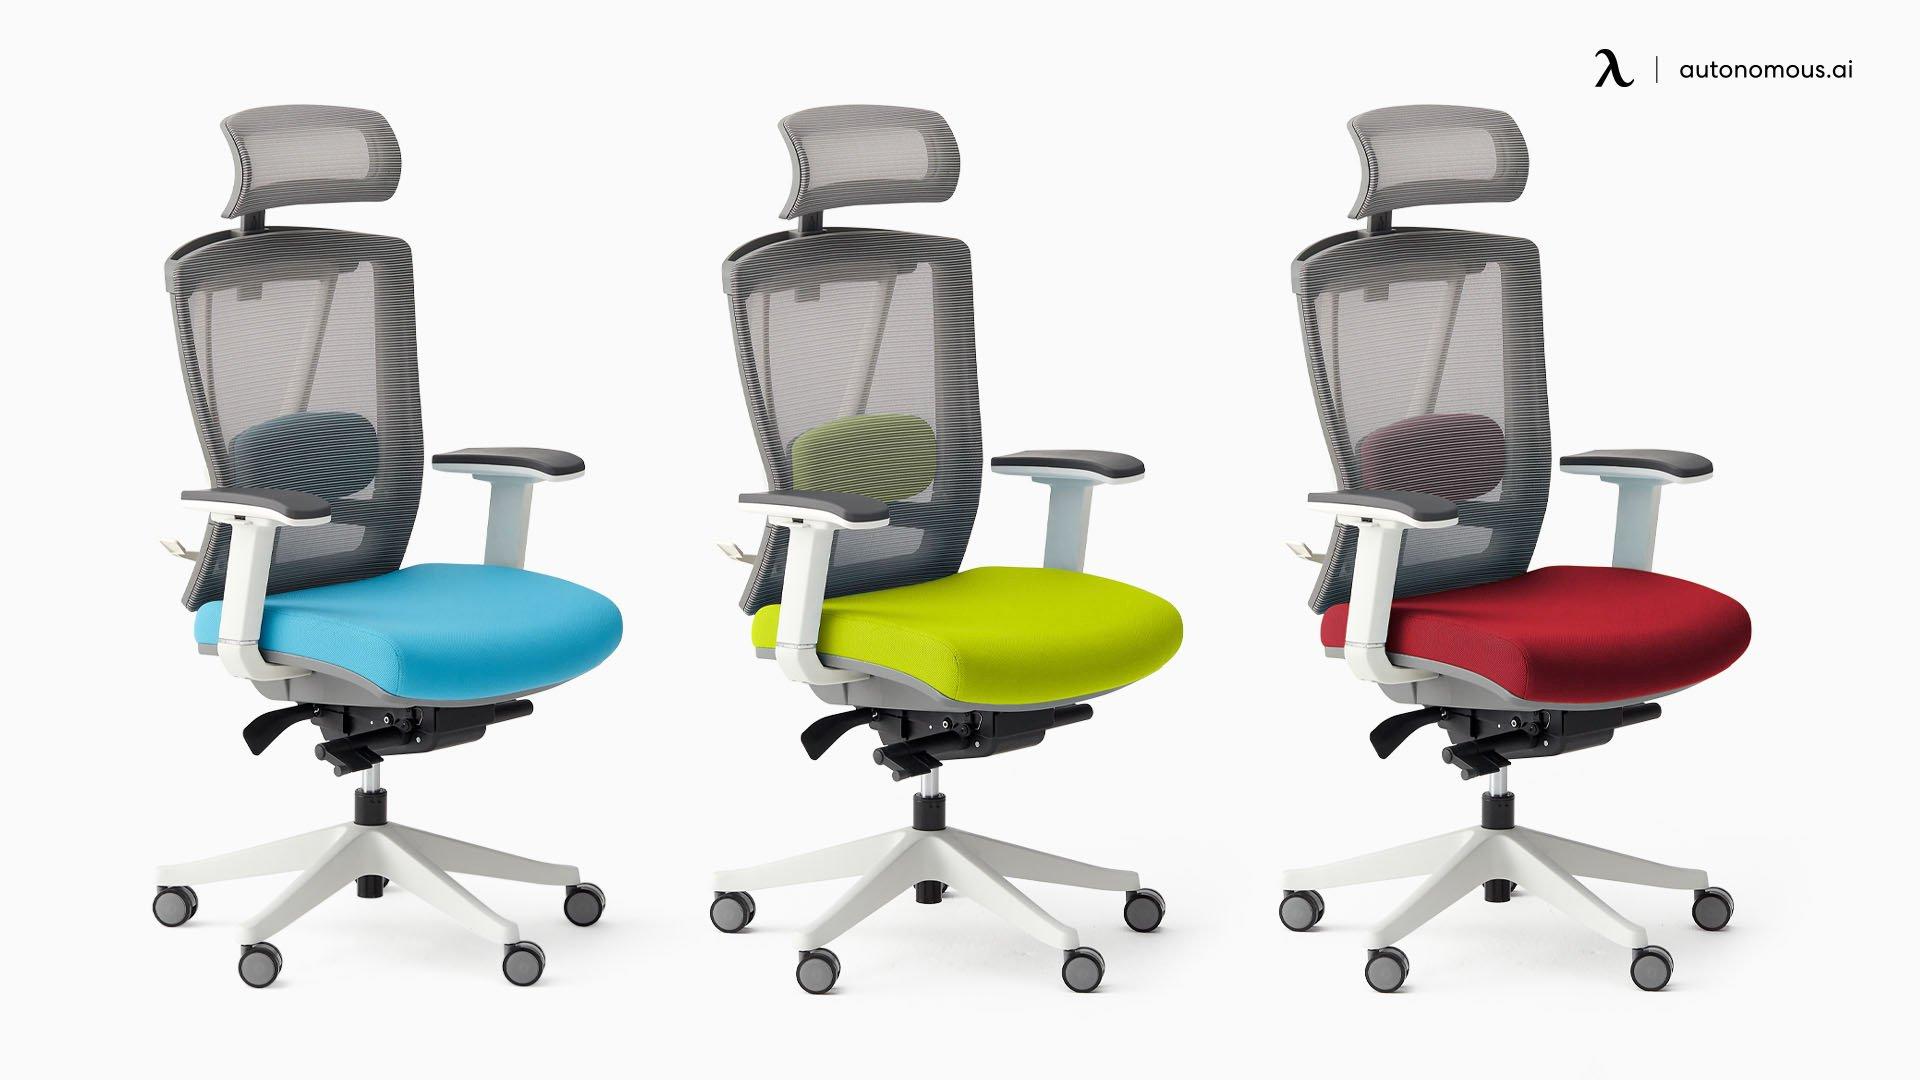 The Autonomous Ergonomic Chair